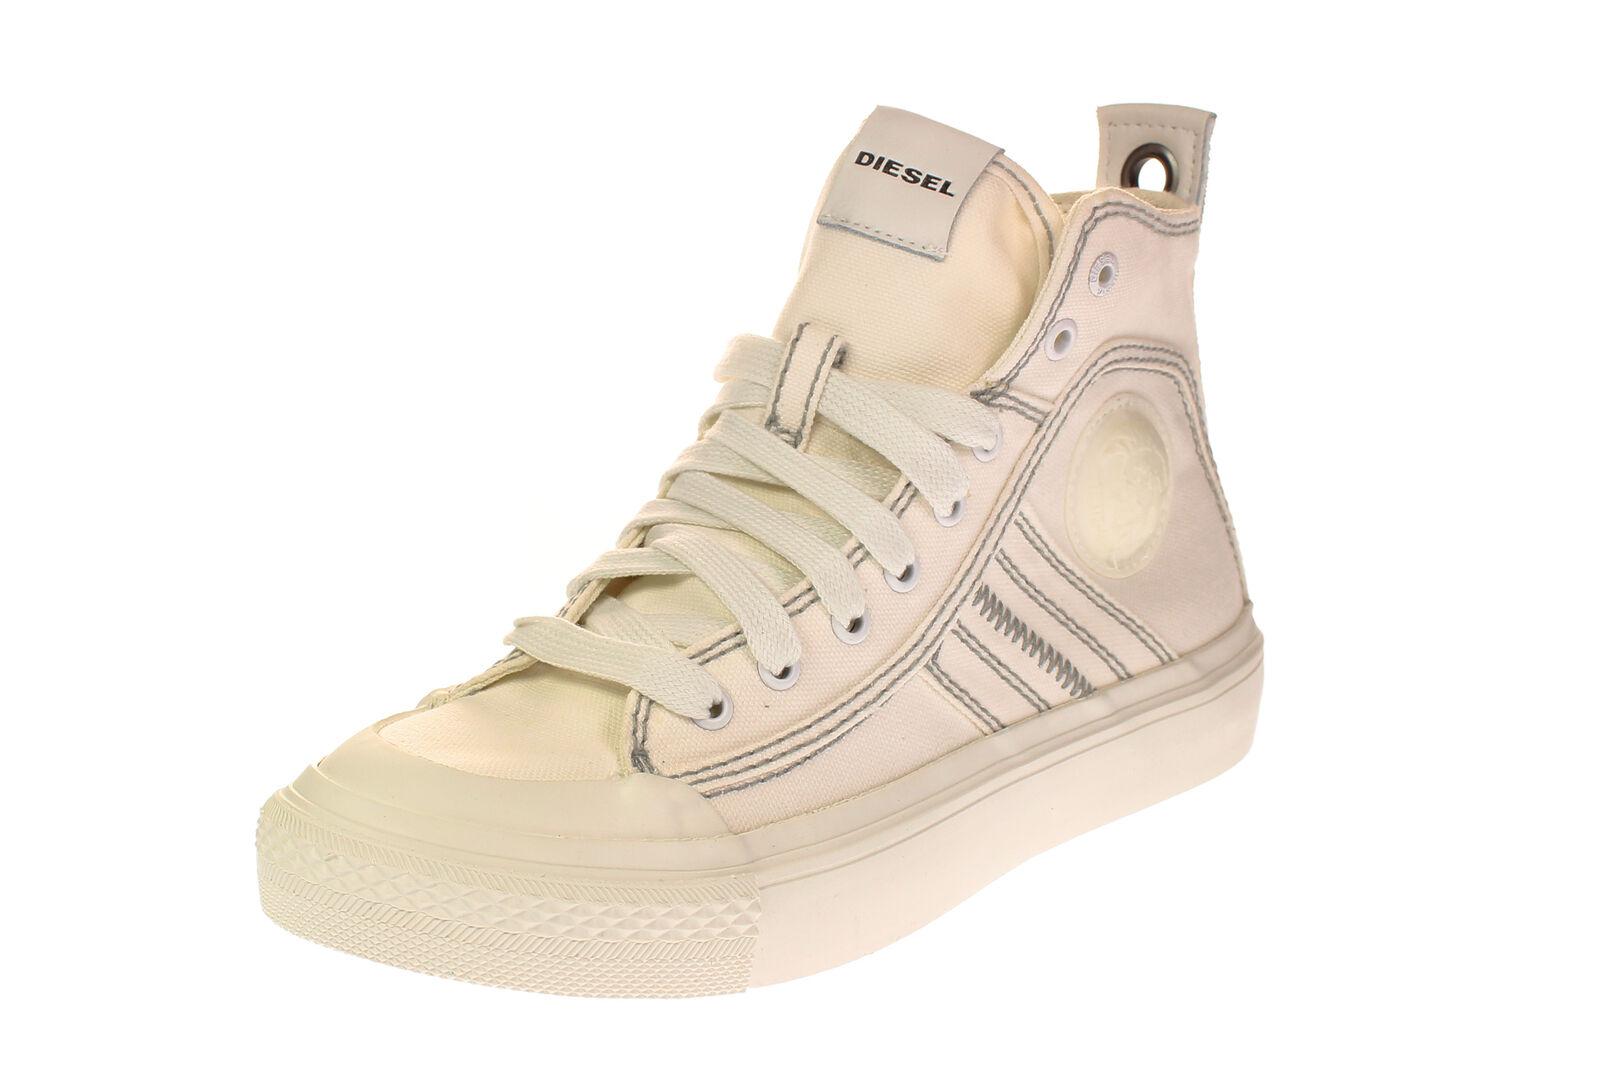 Diesel Y01932 PR012 ASTICO - - - Damen Schuhe Turnschuhe - t1015   3c8cd7